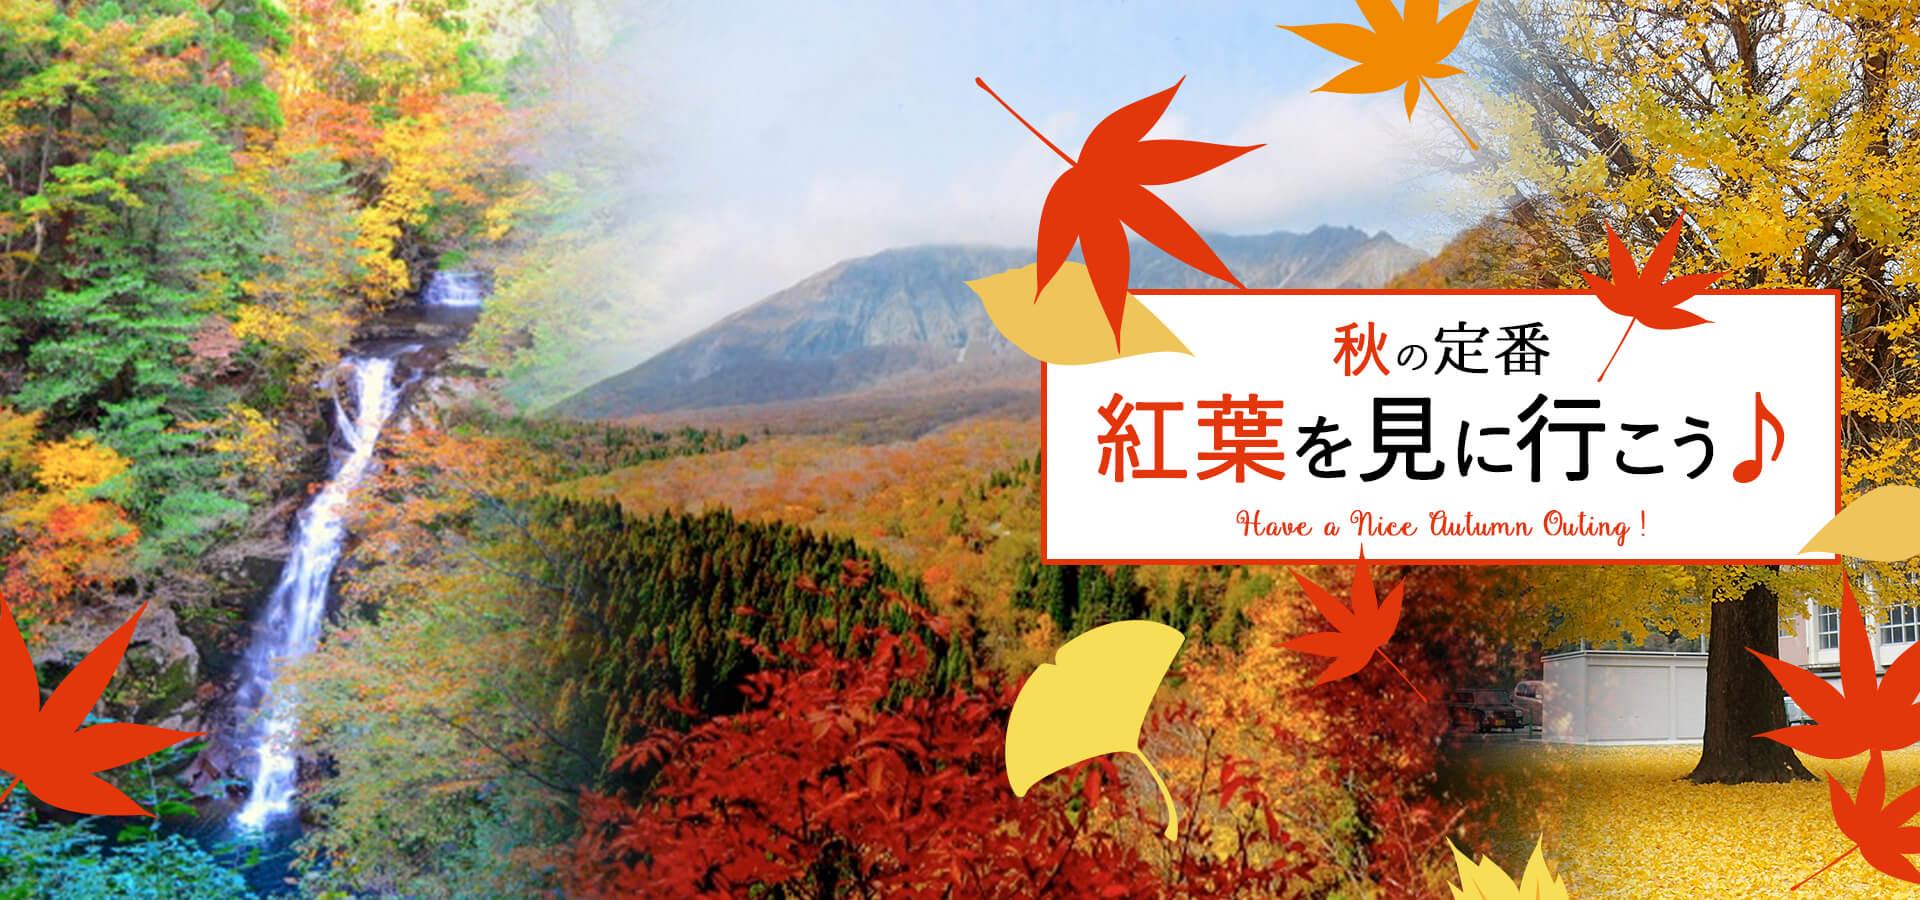 鳥取秋のおでかけ